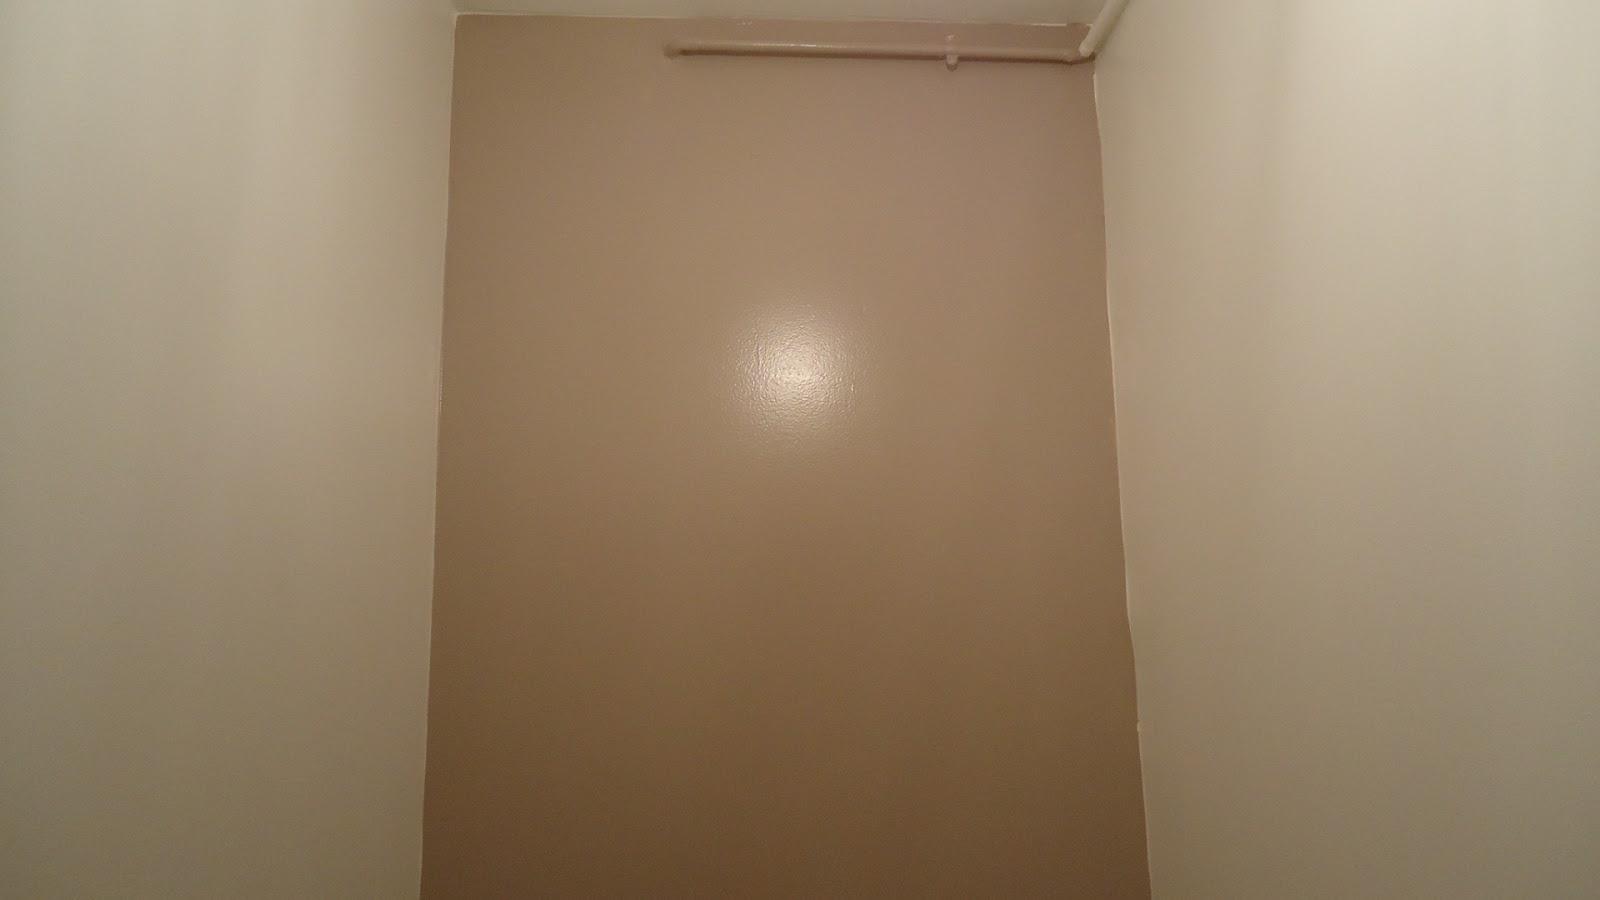 Travaux de r novation de notre appartement glyc ro - Repeindre sur de la glycero ...